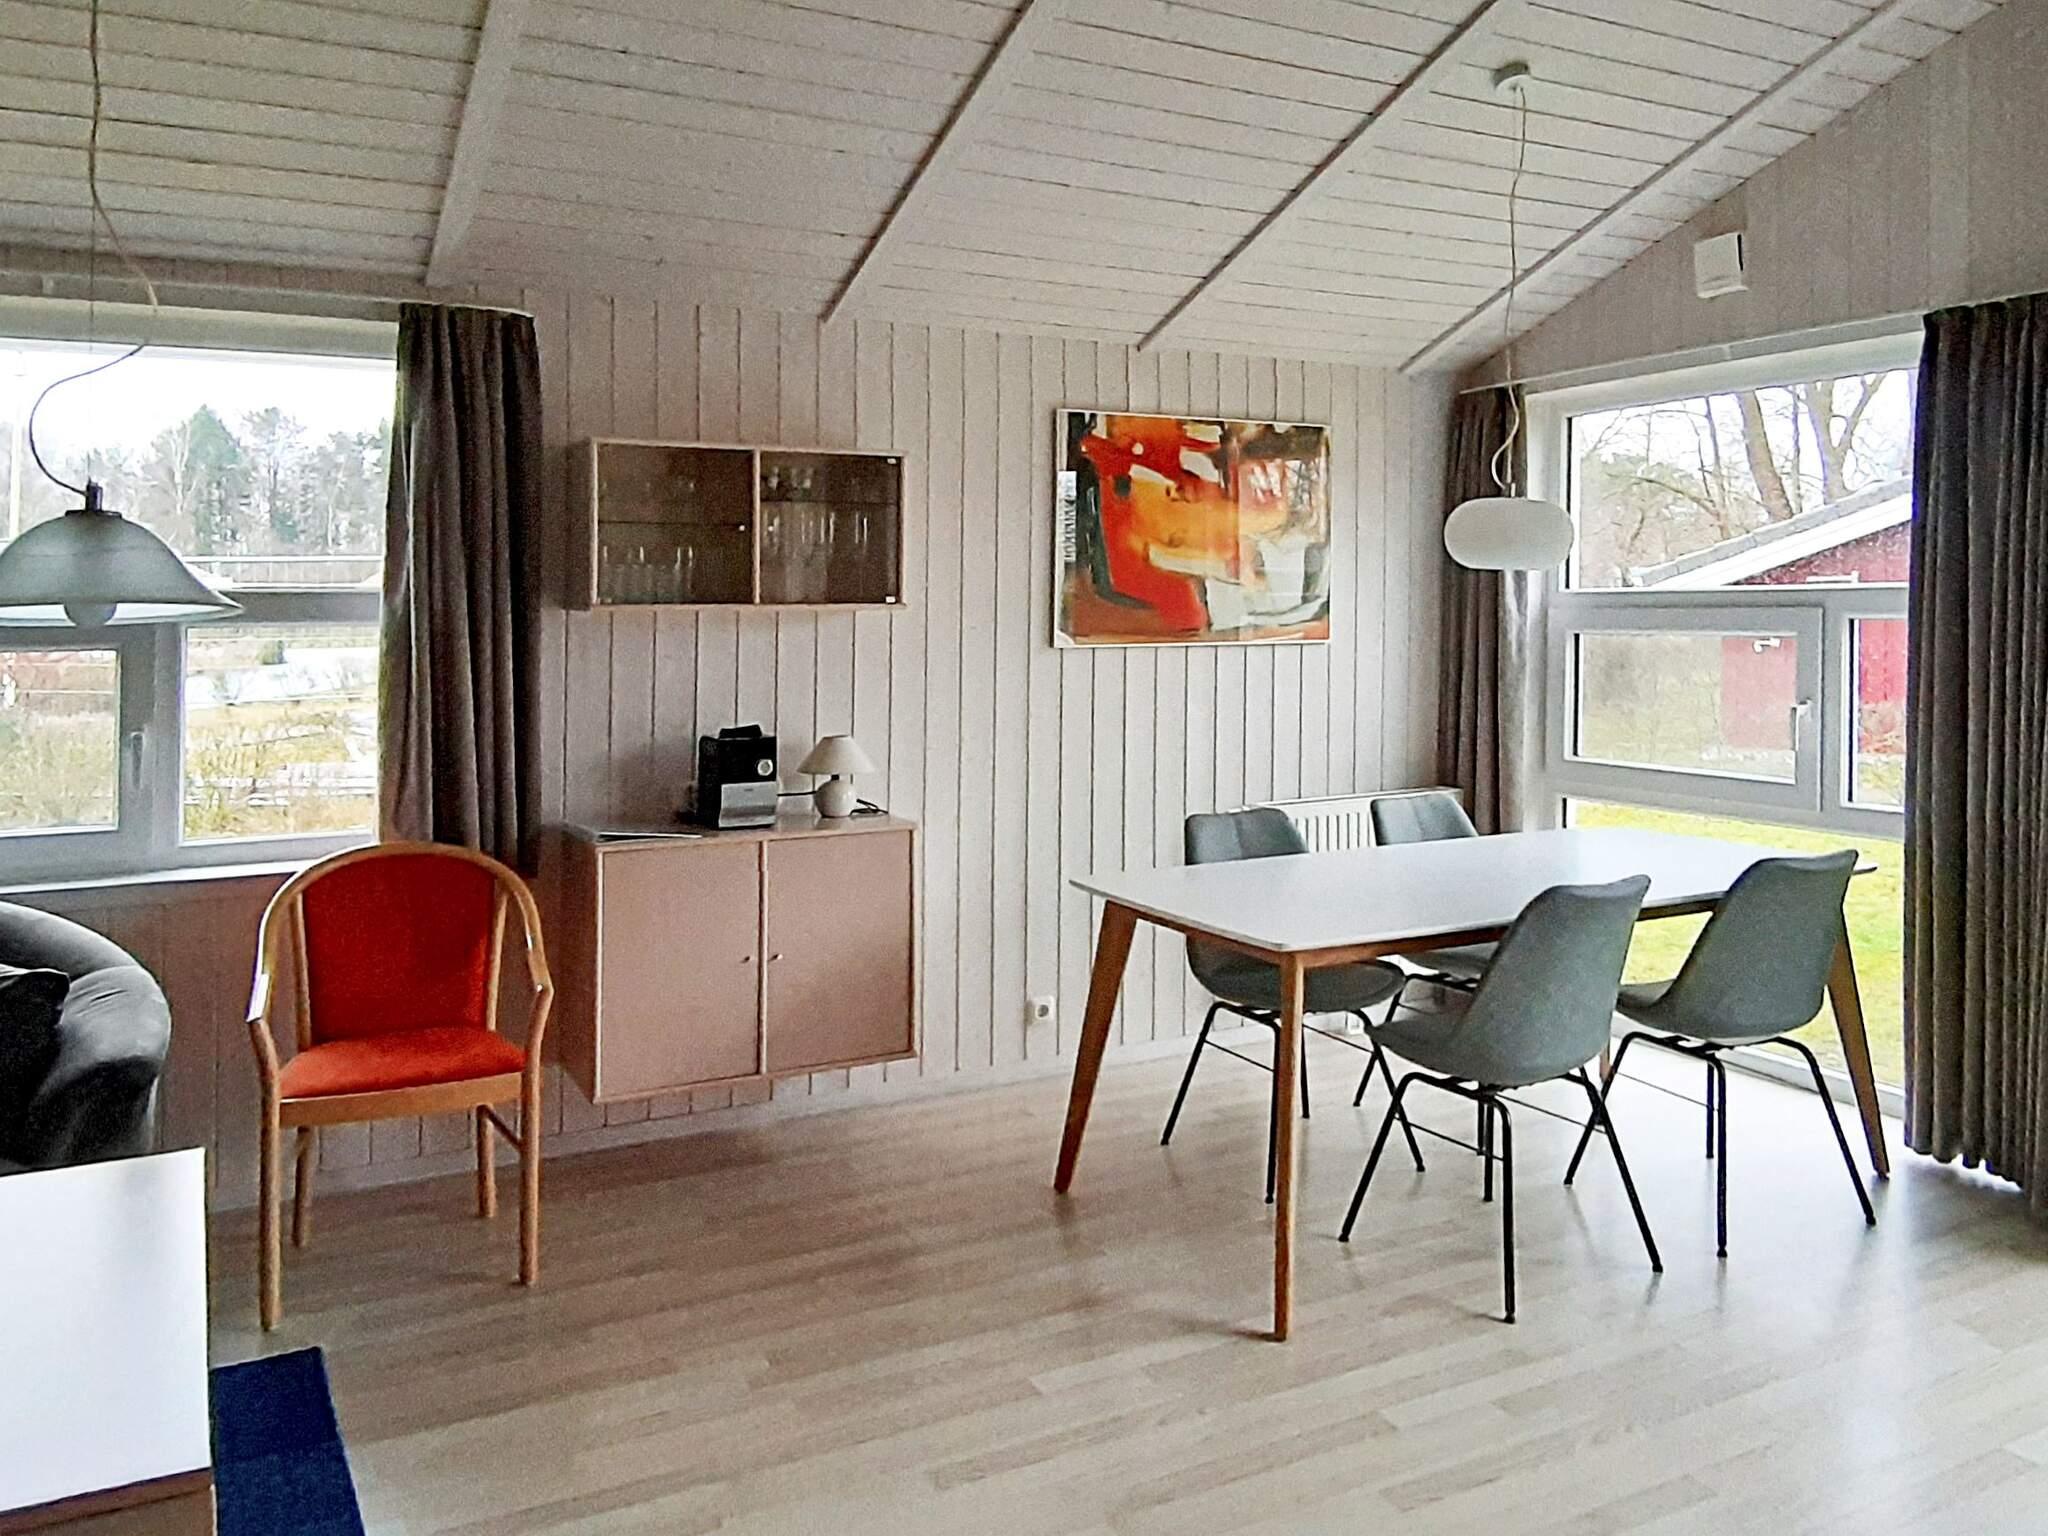 Maison de vacances Grömitz (455123), Grömitz, Baie de Lübeck, Schleswig-Holstein, Allemagne, image 3